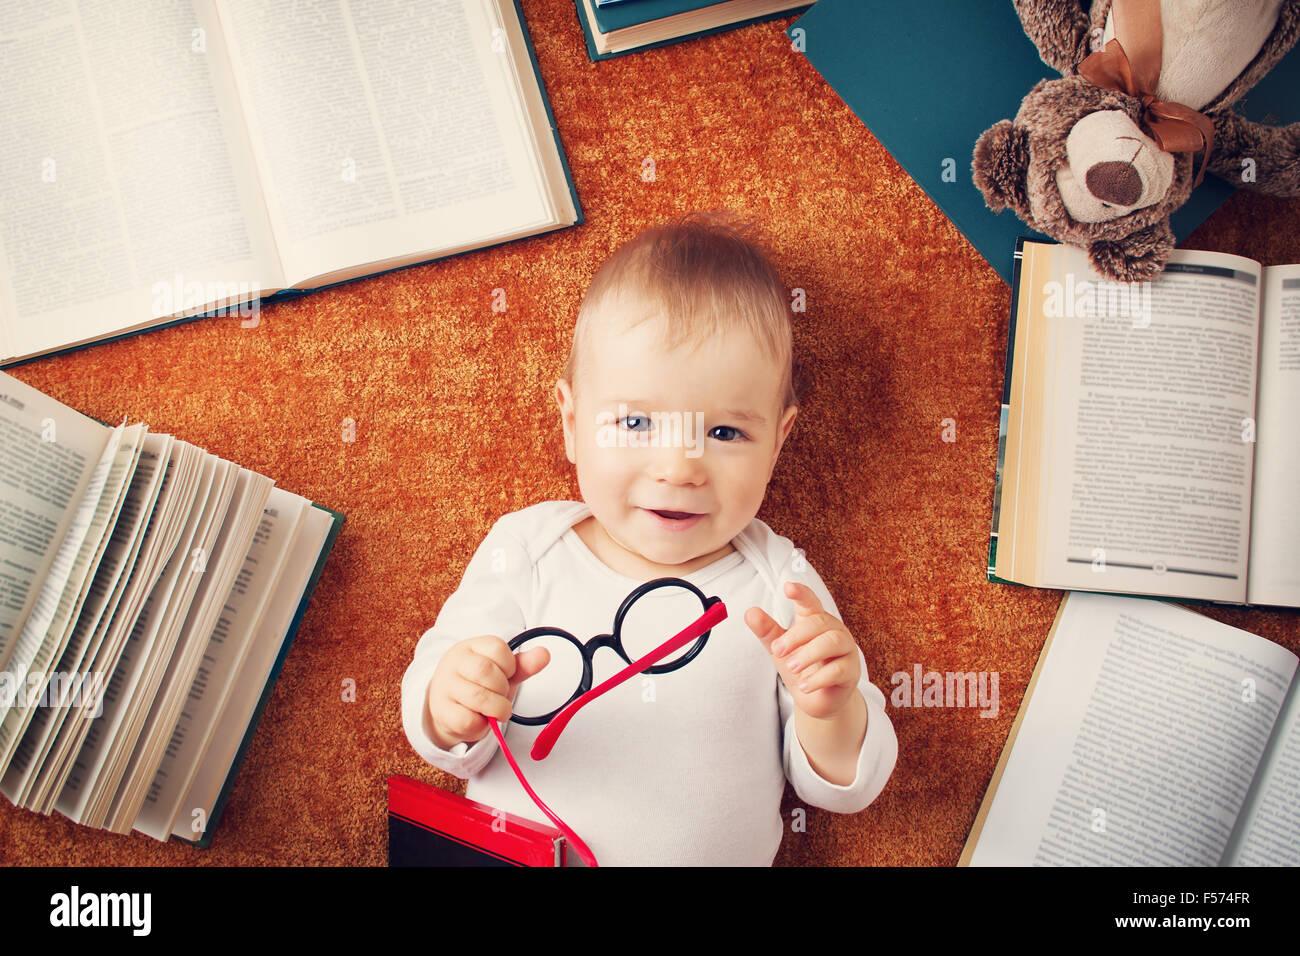 1 Jahr altes Baby mit Spectackles und ein Teddybär Stockfoto